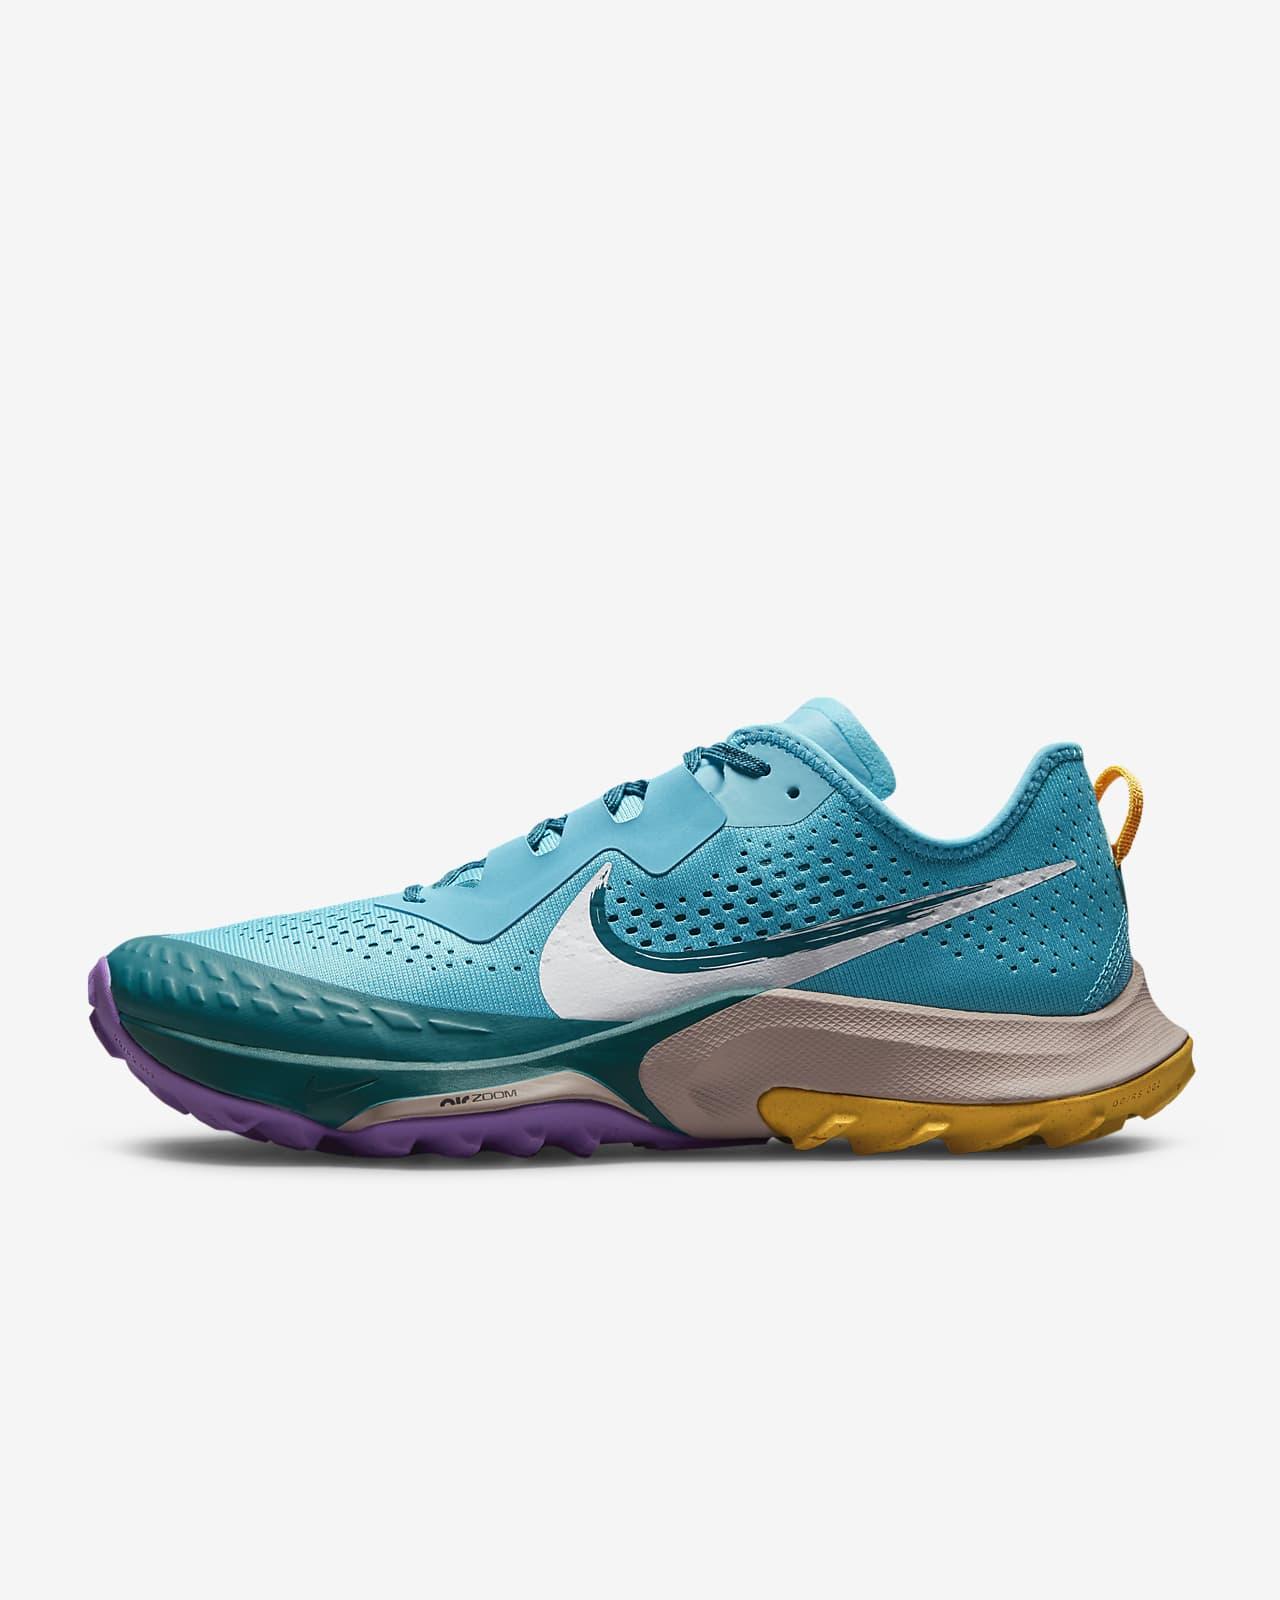 Ανδρικά παπούτσια για τρέξιμο σε ανώμαλο δρόμο Nike Air Zoom Terra Kiger 7